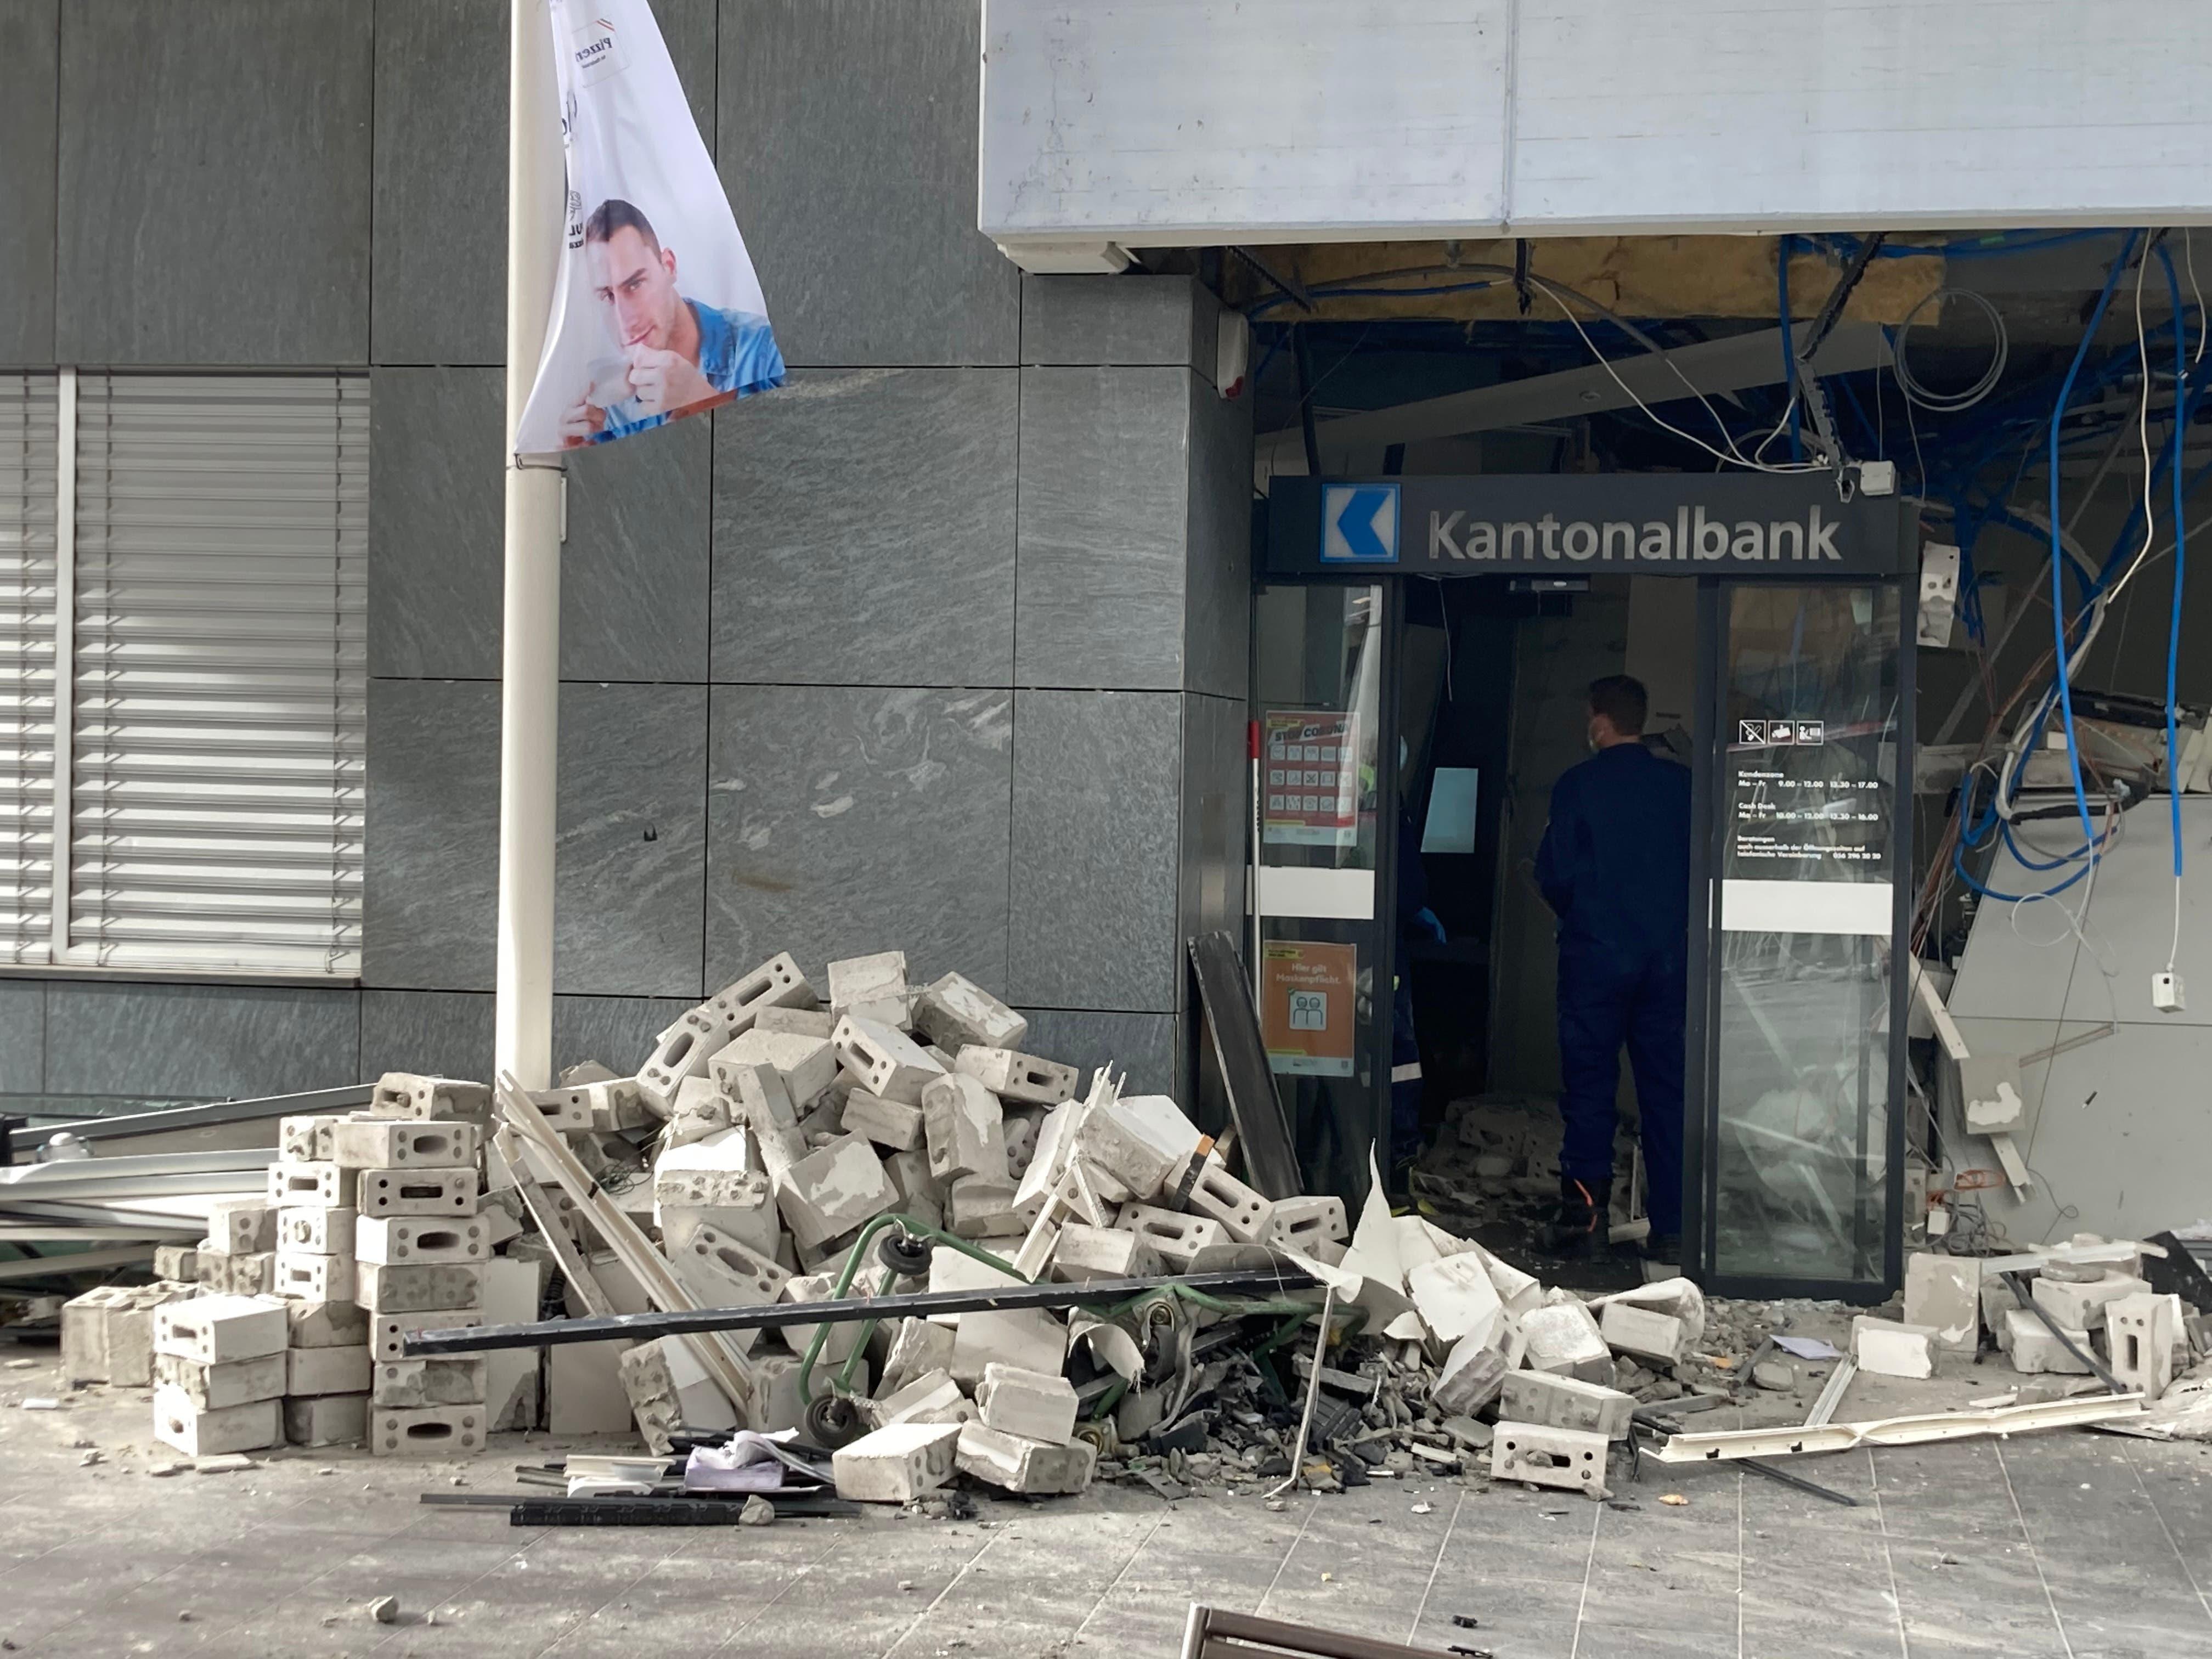 Der Morgen danach. Die Bilder zeigen das Ausmass der Sprenung. Die Mitarbeitenden der Aargauischen Kantonalbank können bis auf Weiteres nicht vor Ort arbeiten.